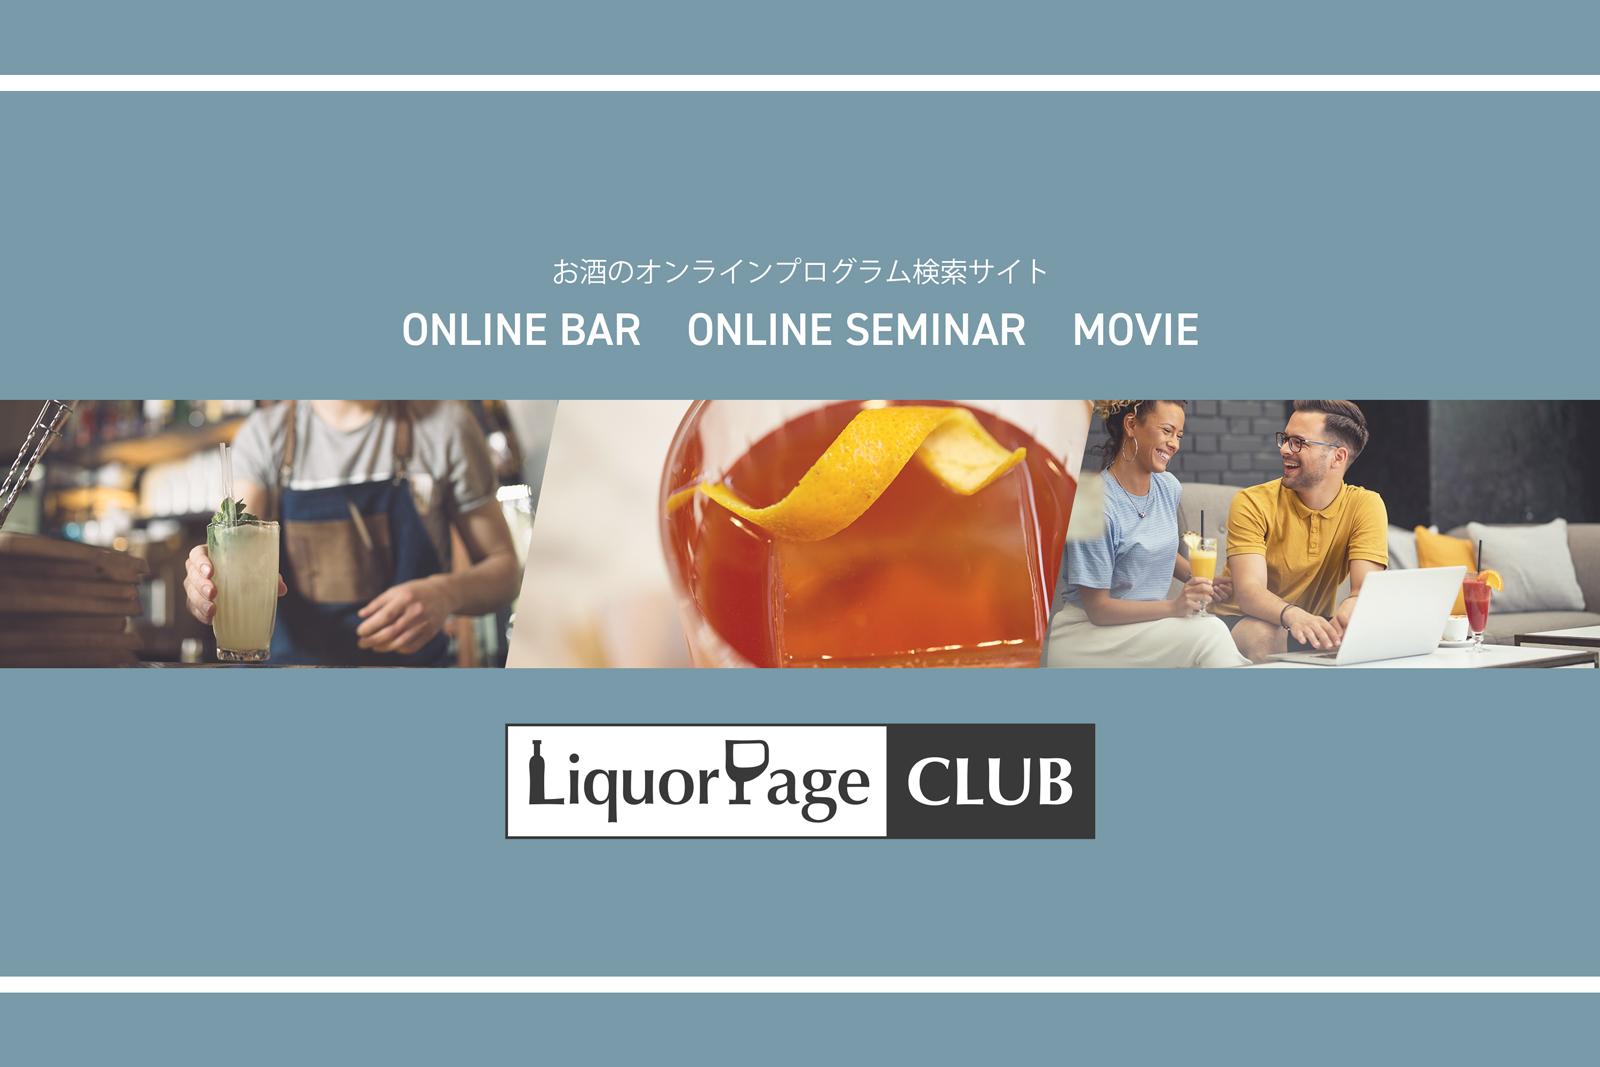 LiquorPage CLUBとは